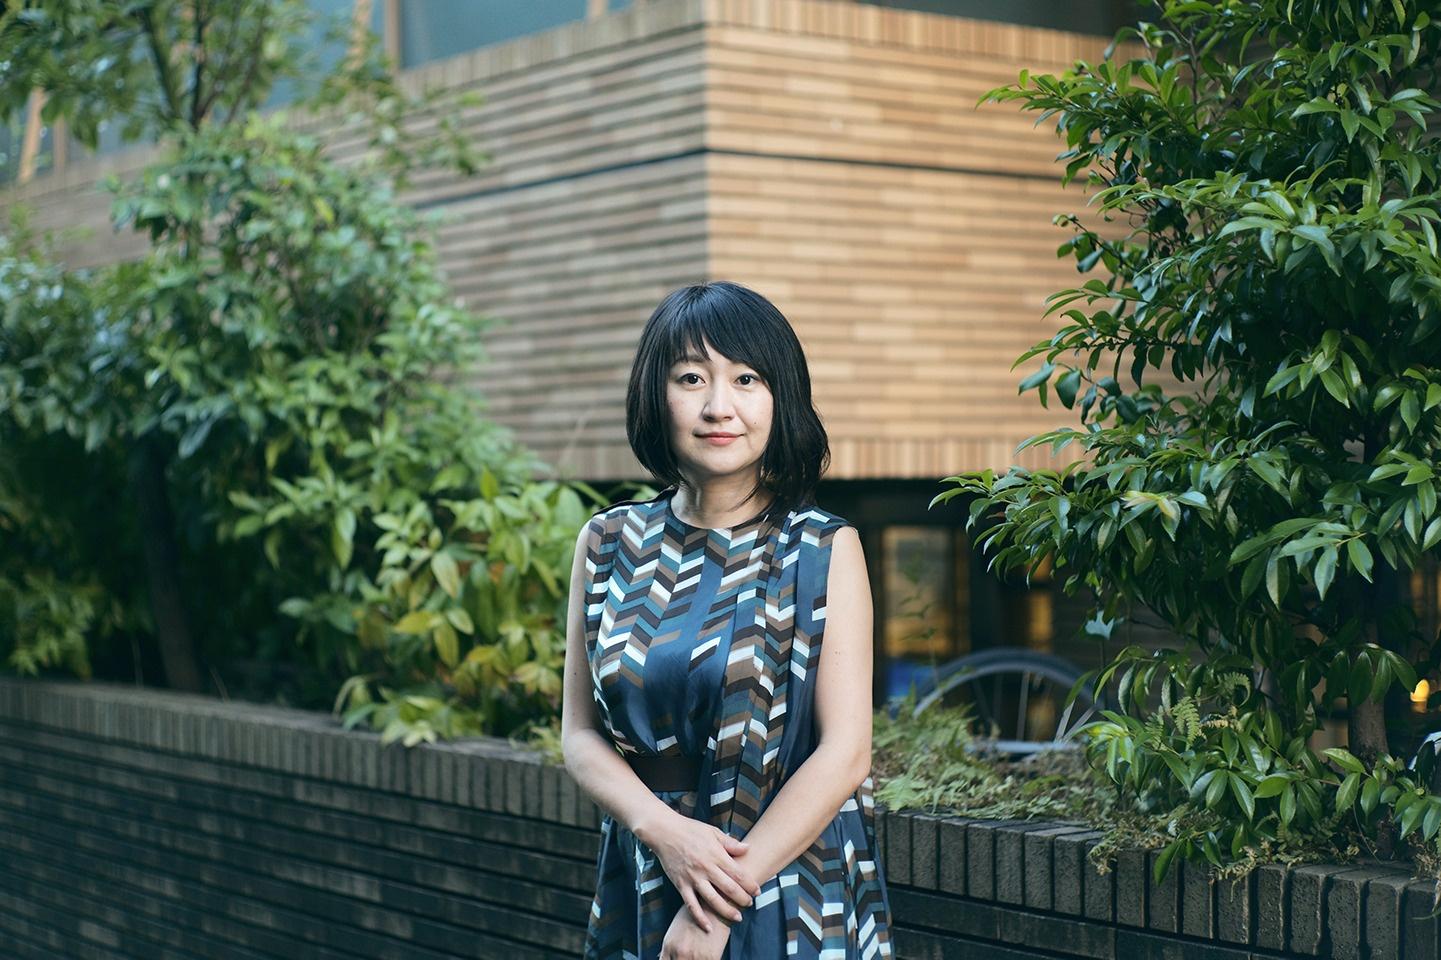 建築家・吉田 愛さんが語る、クリエイティビティと食のいい関係